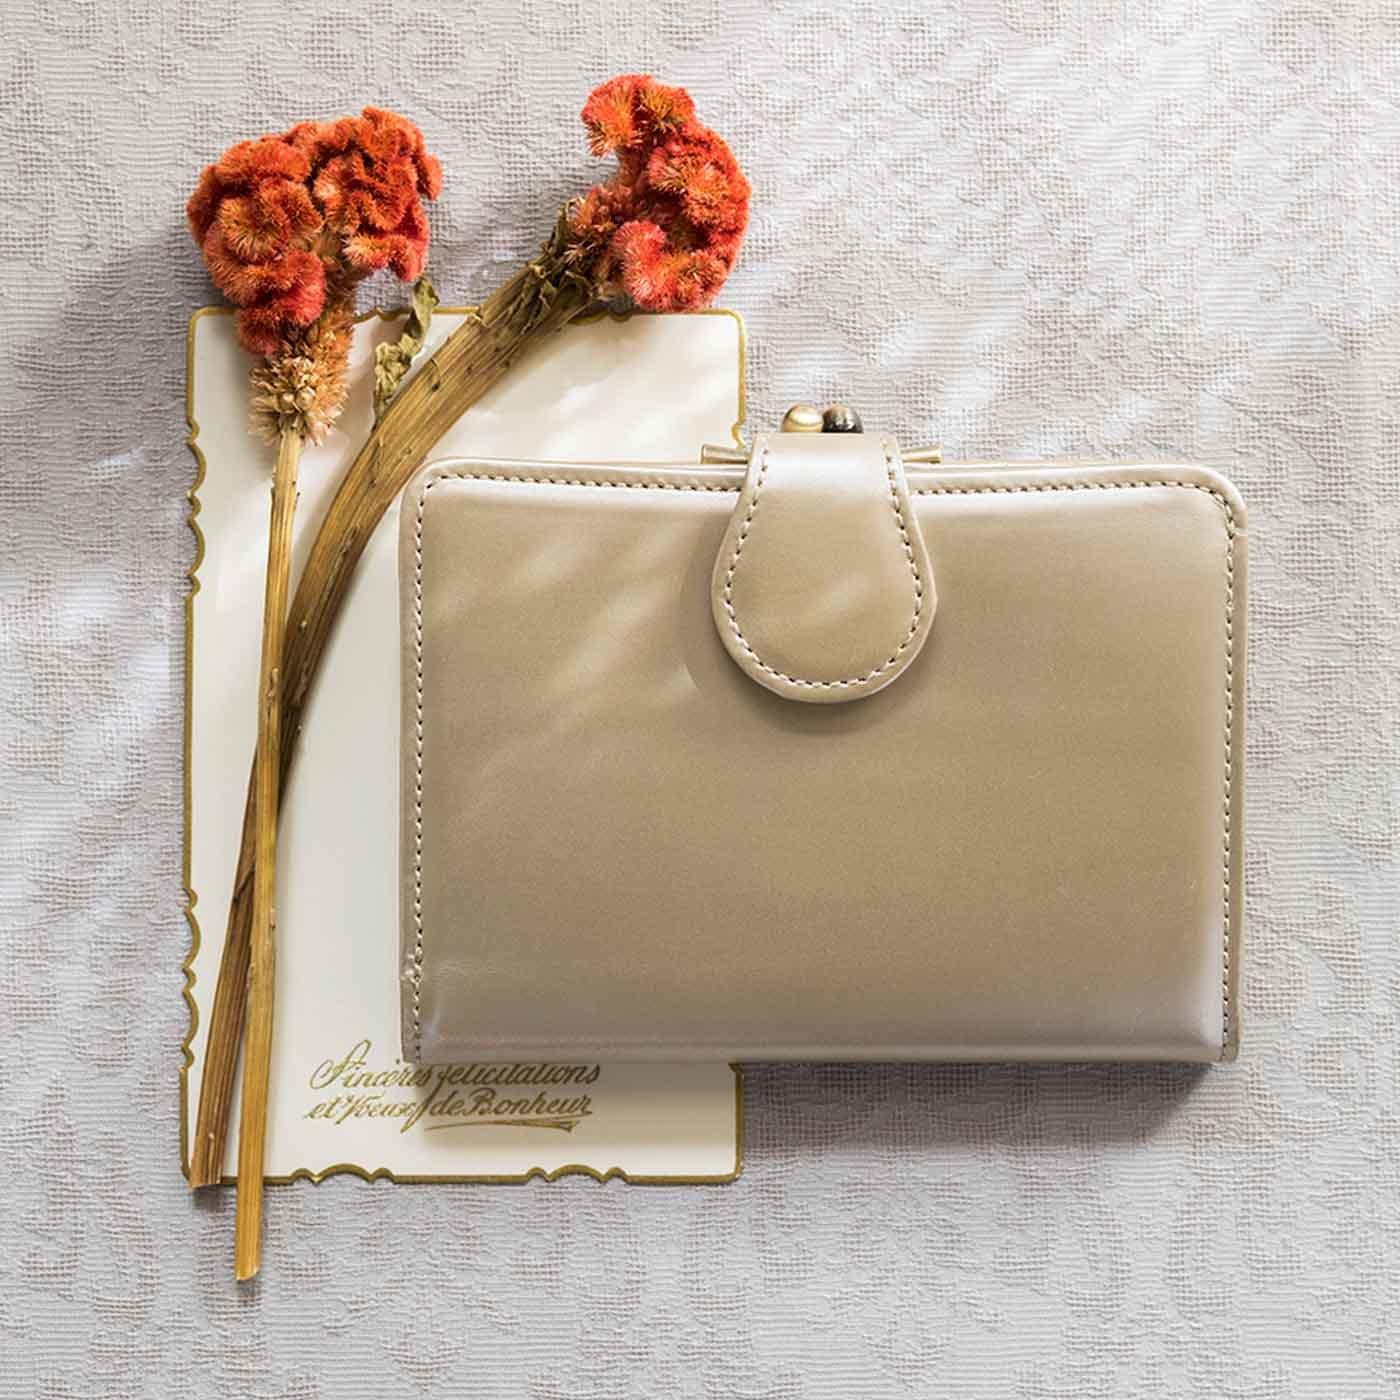 職人が誂えた上質本革がま口付き折り財布〈シャンパンゴールド〉[本革 財布:日本製]